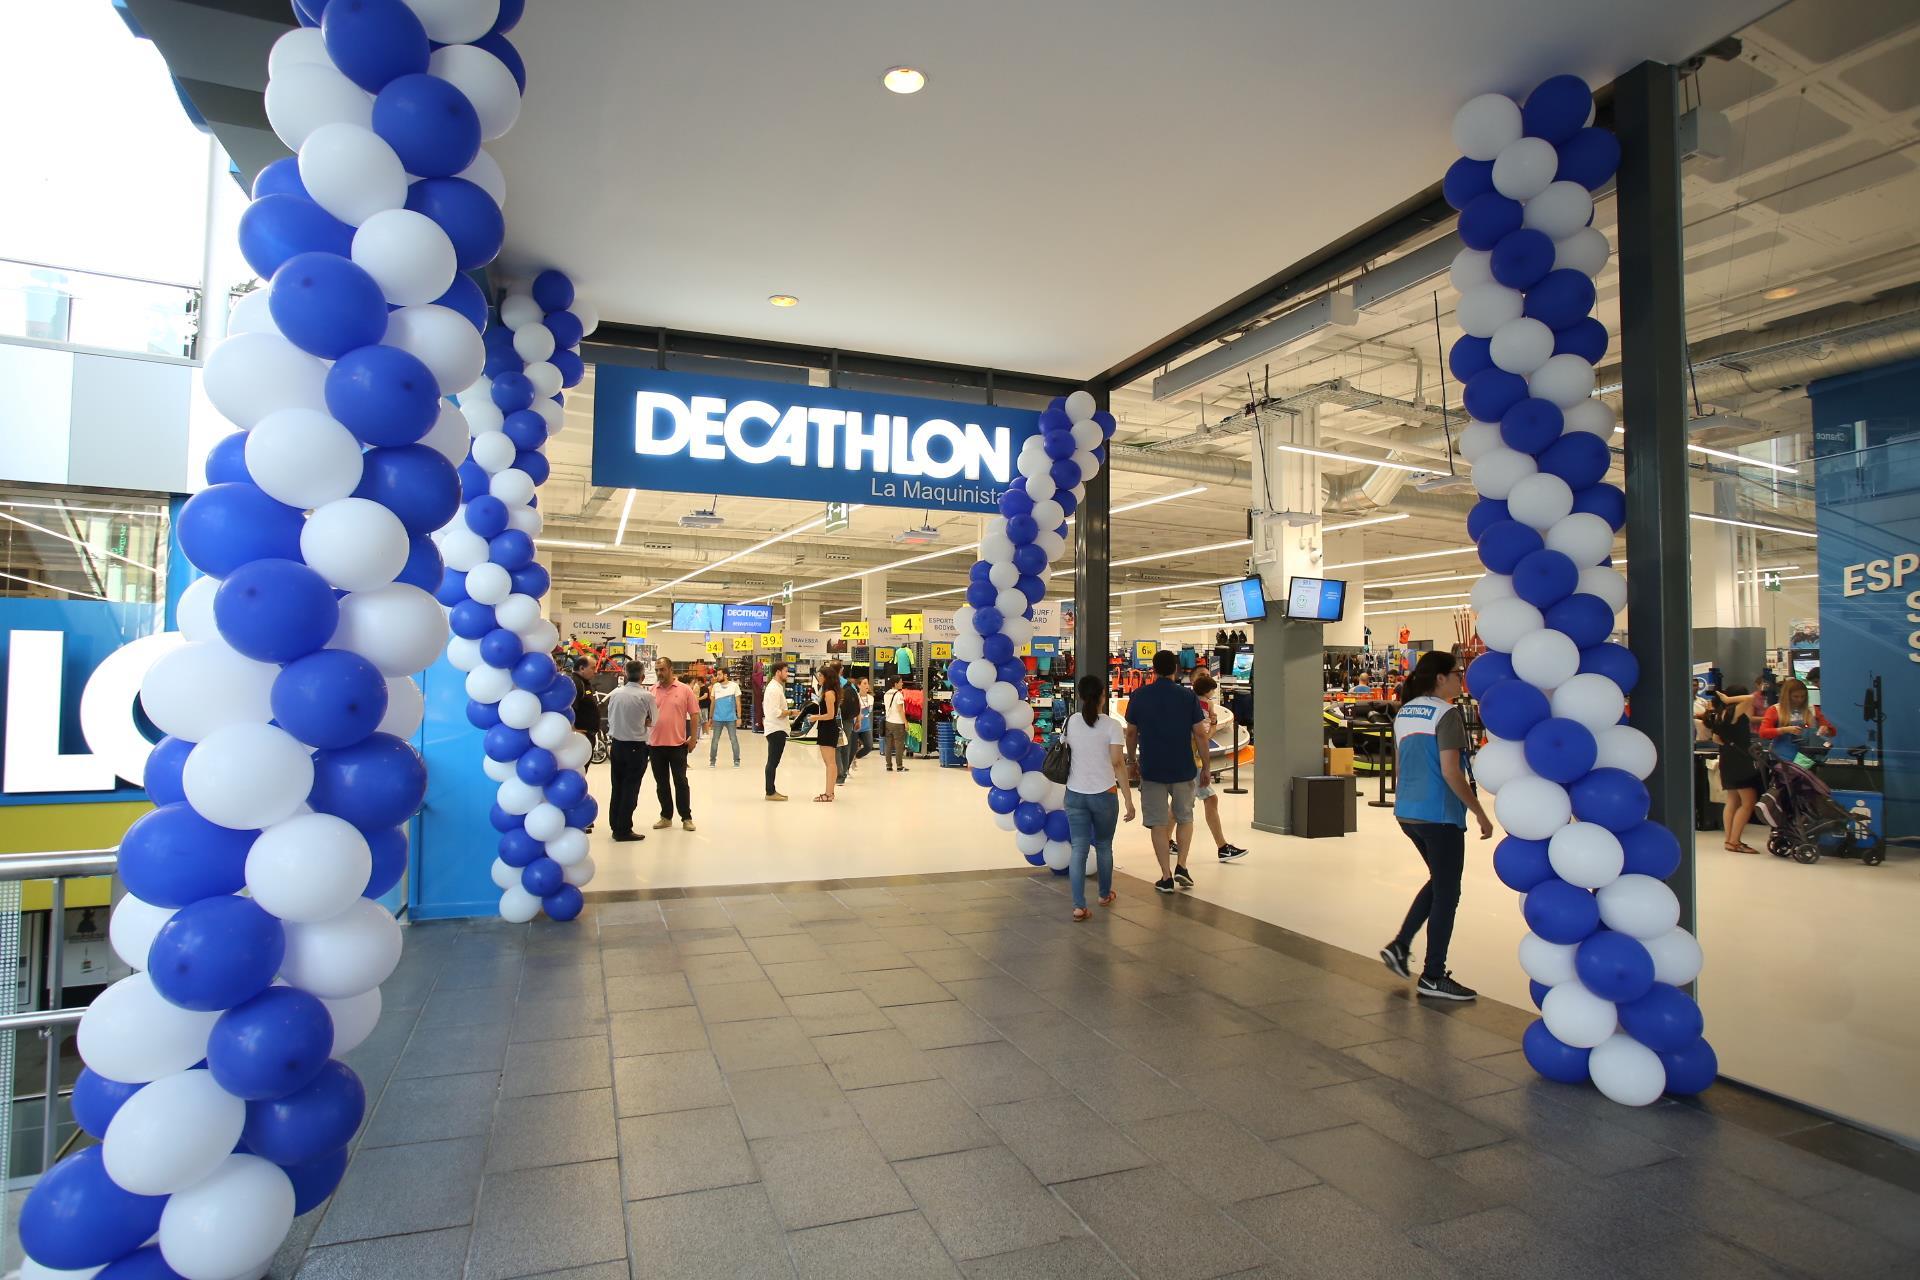 Decathlon abri una nueva tienda en el centro comercial la maquinista de barcelona per retail - Centro comercial maquinista barcelona ...